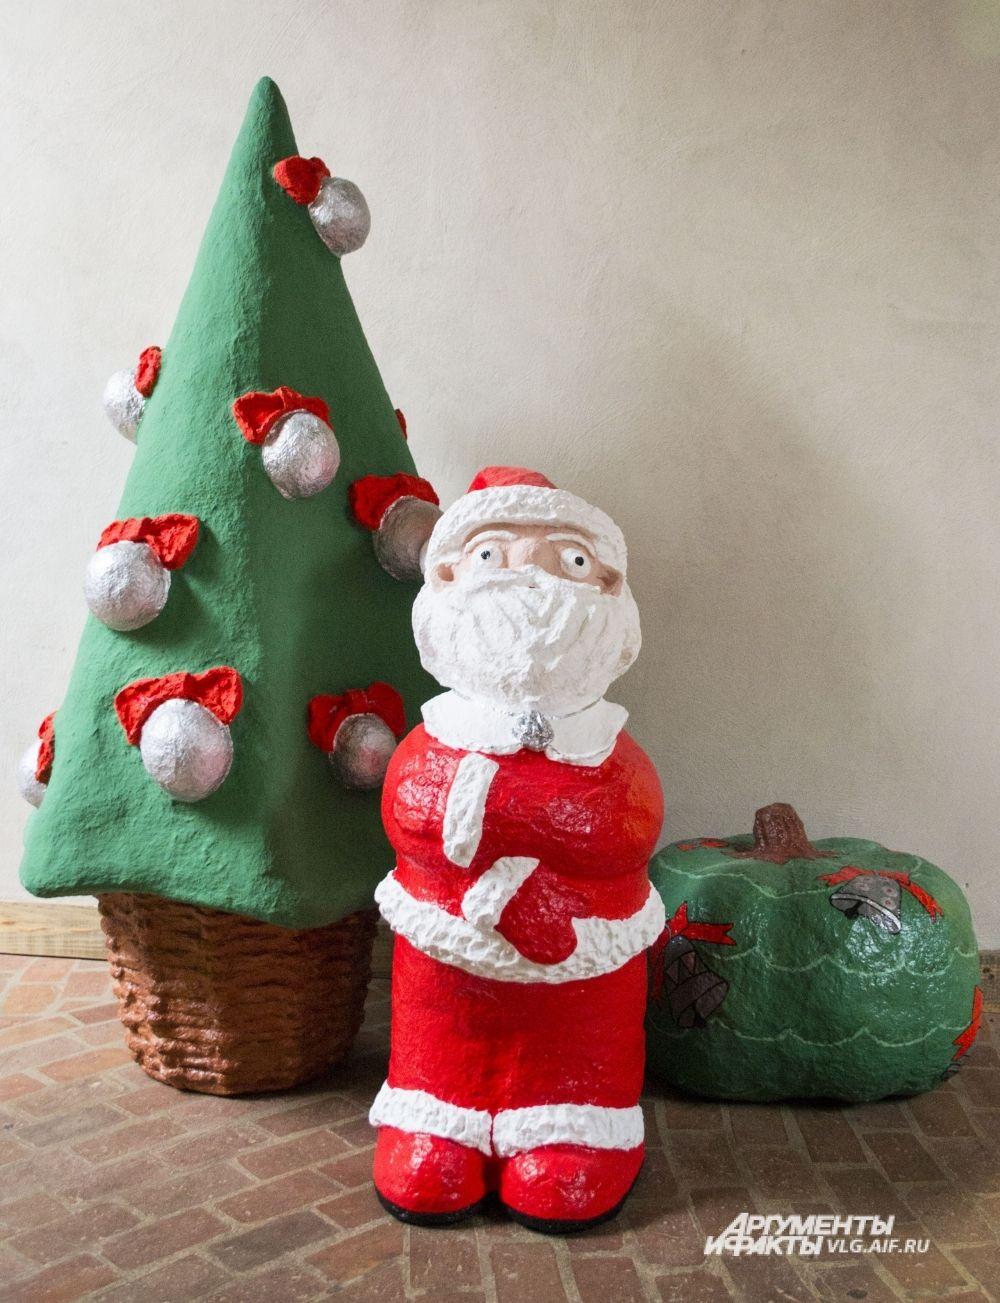 «Некрасивая ёлка» по мотивам одноименной новогодней сказки Евгения Пермяка.